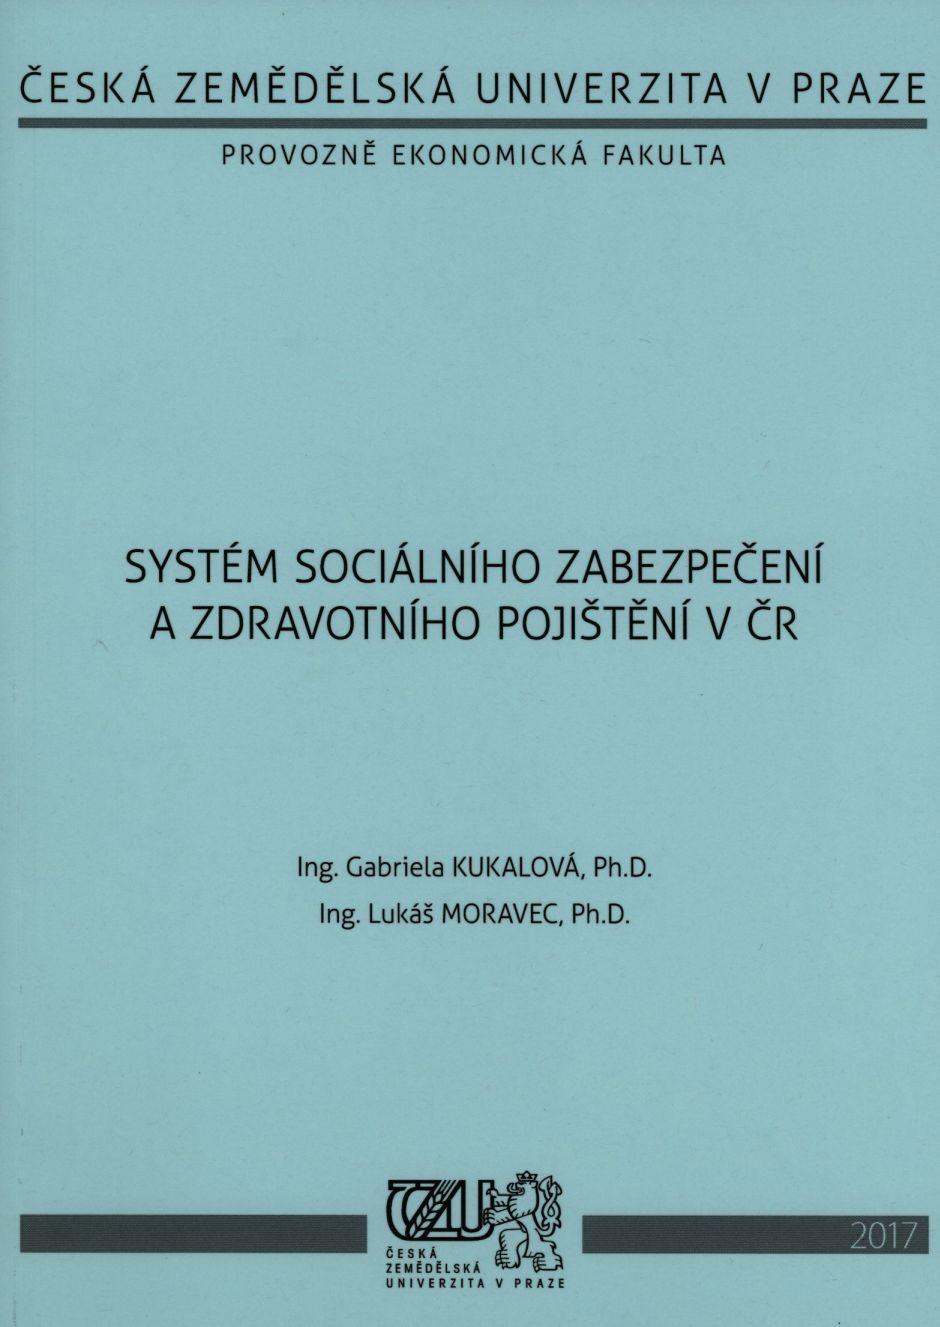 Systém sociálního zabezpečení a zdravotního pojištění v ČR